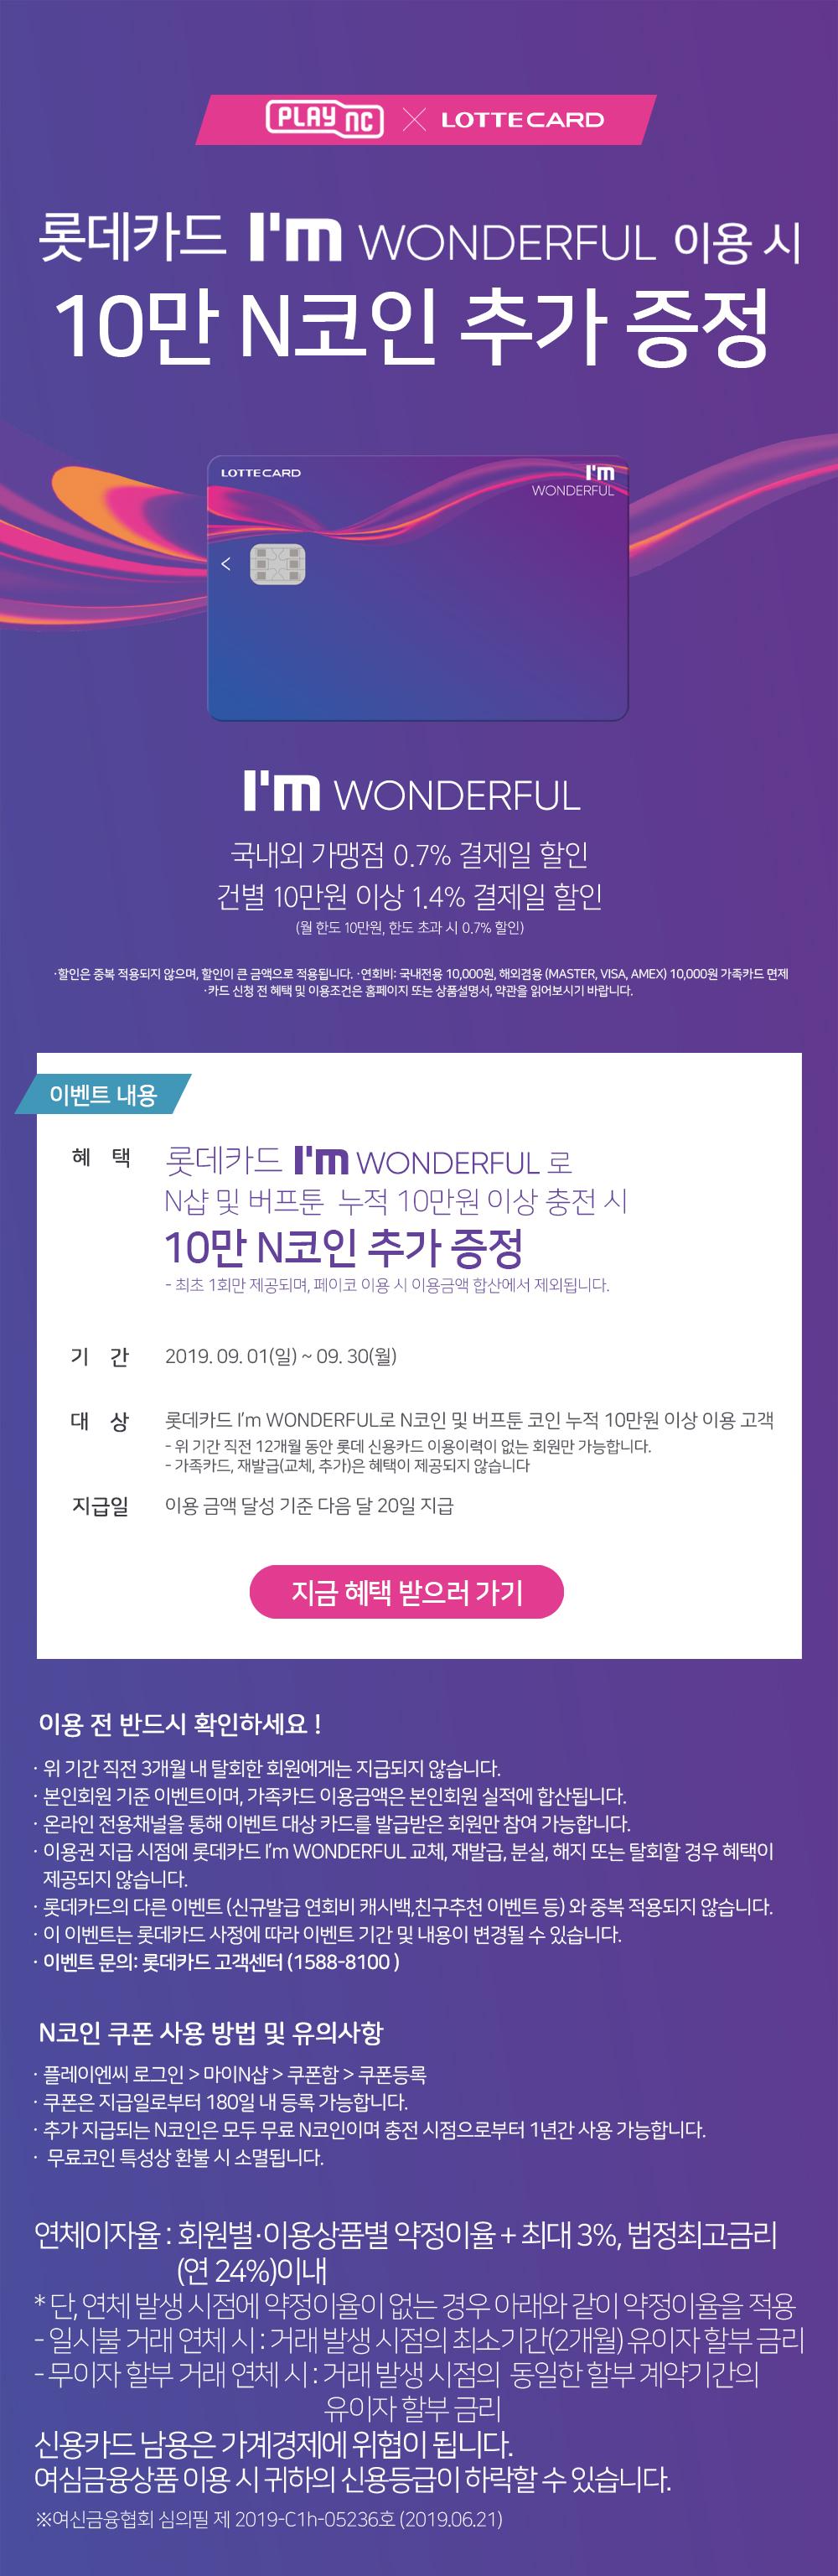 롯데카드 I'M WONDERFUL 이용 시 서울이스케이프룸 모바일이용권 4매 증정